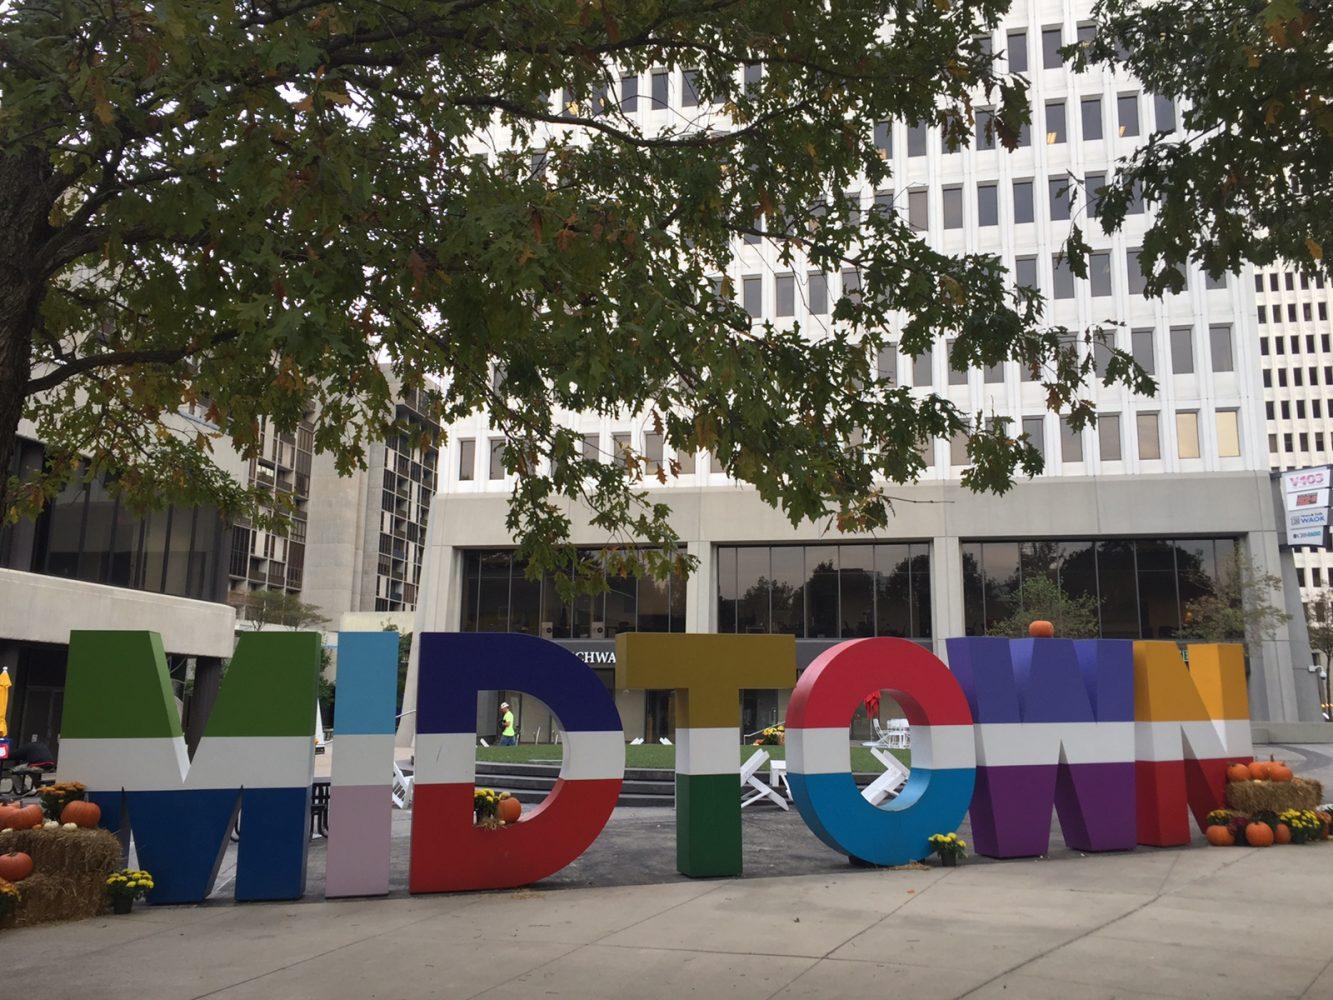 Midtown named one of Americas `Great Neighborhoods of 2016